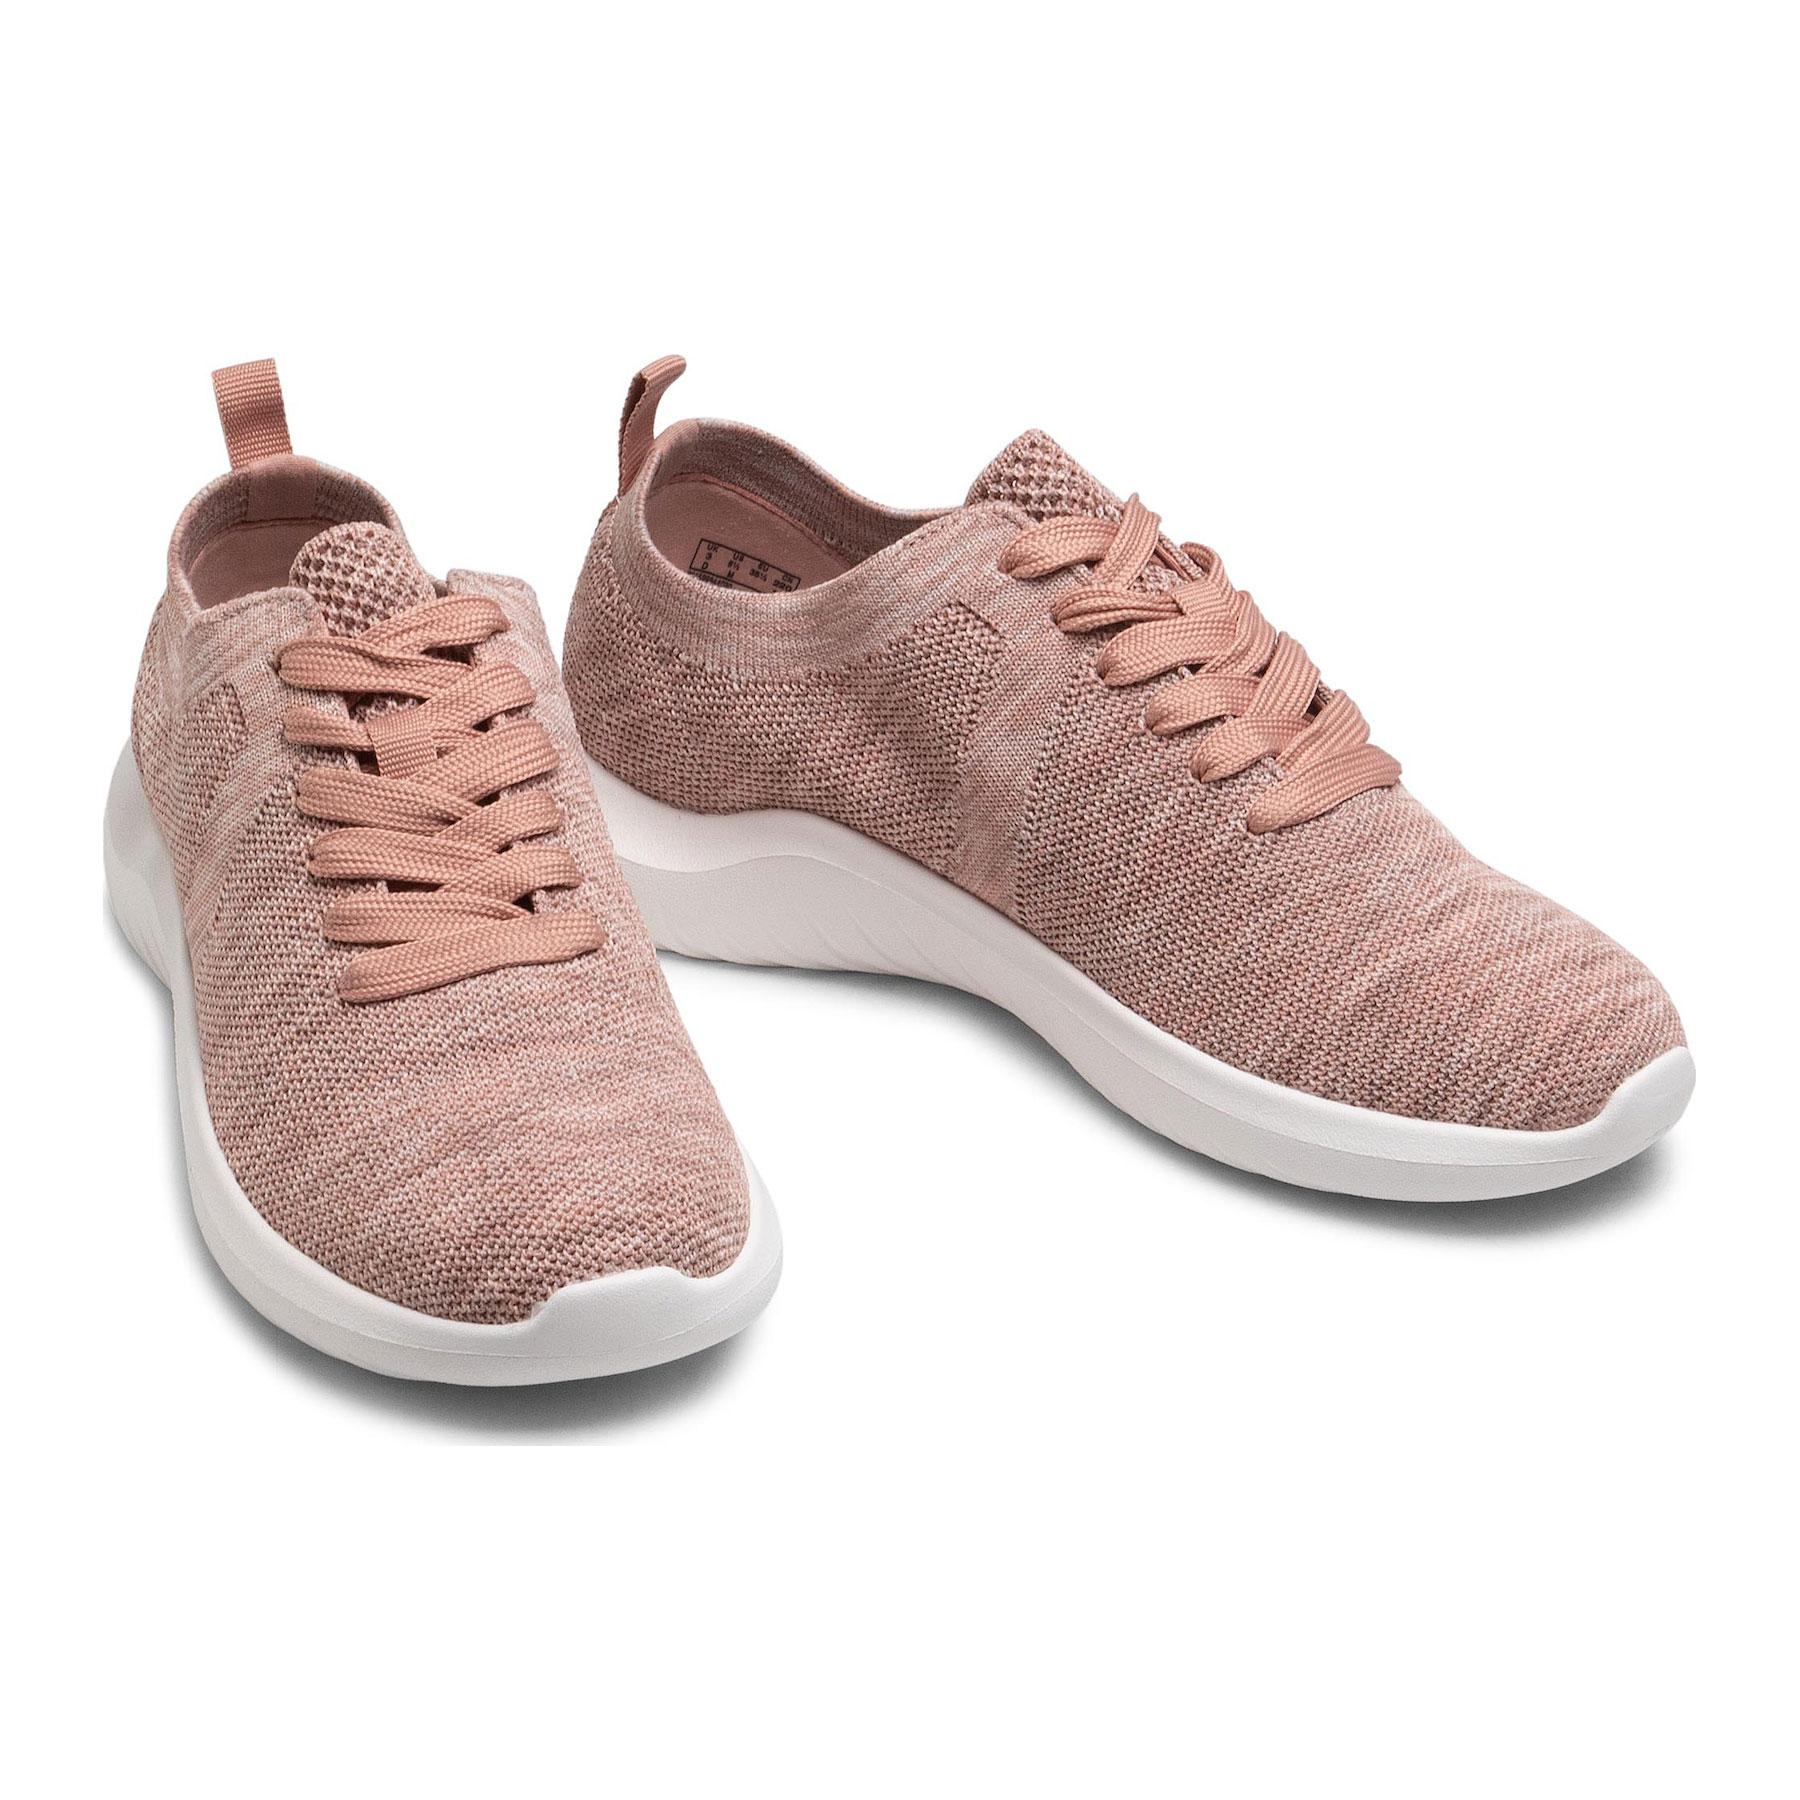 Дамски спортни обувки от текстил Clarks Nova Glint светло розово - снимка 11